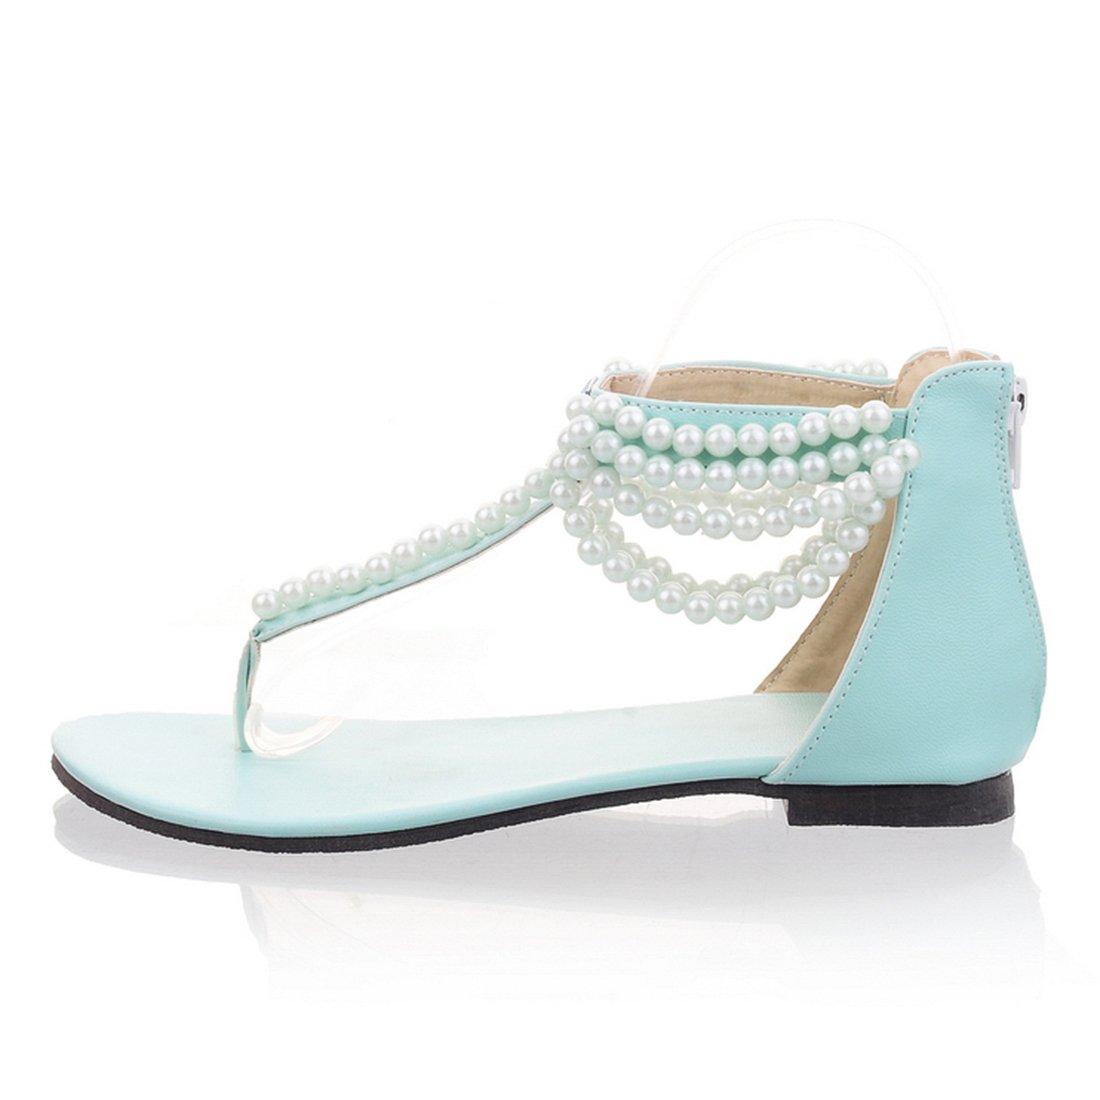 YE Damen Zehentrenner Flache Knöchelriemchen Sandalen mit Perlen und Reißverschluss ohne Absatz Bequem Sommer Schuhe 5QThMnQoQ